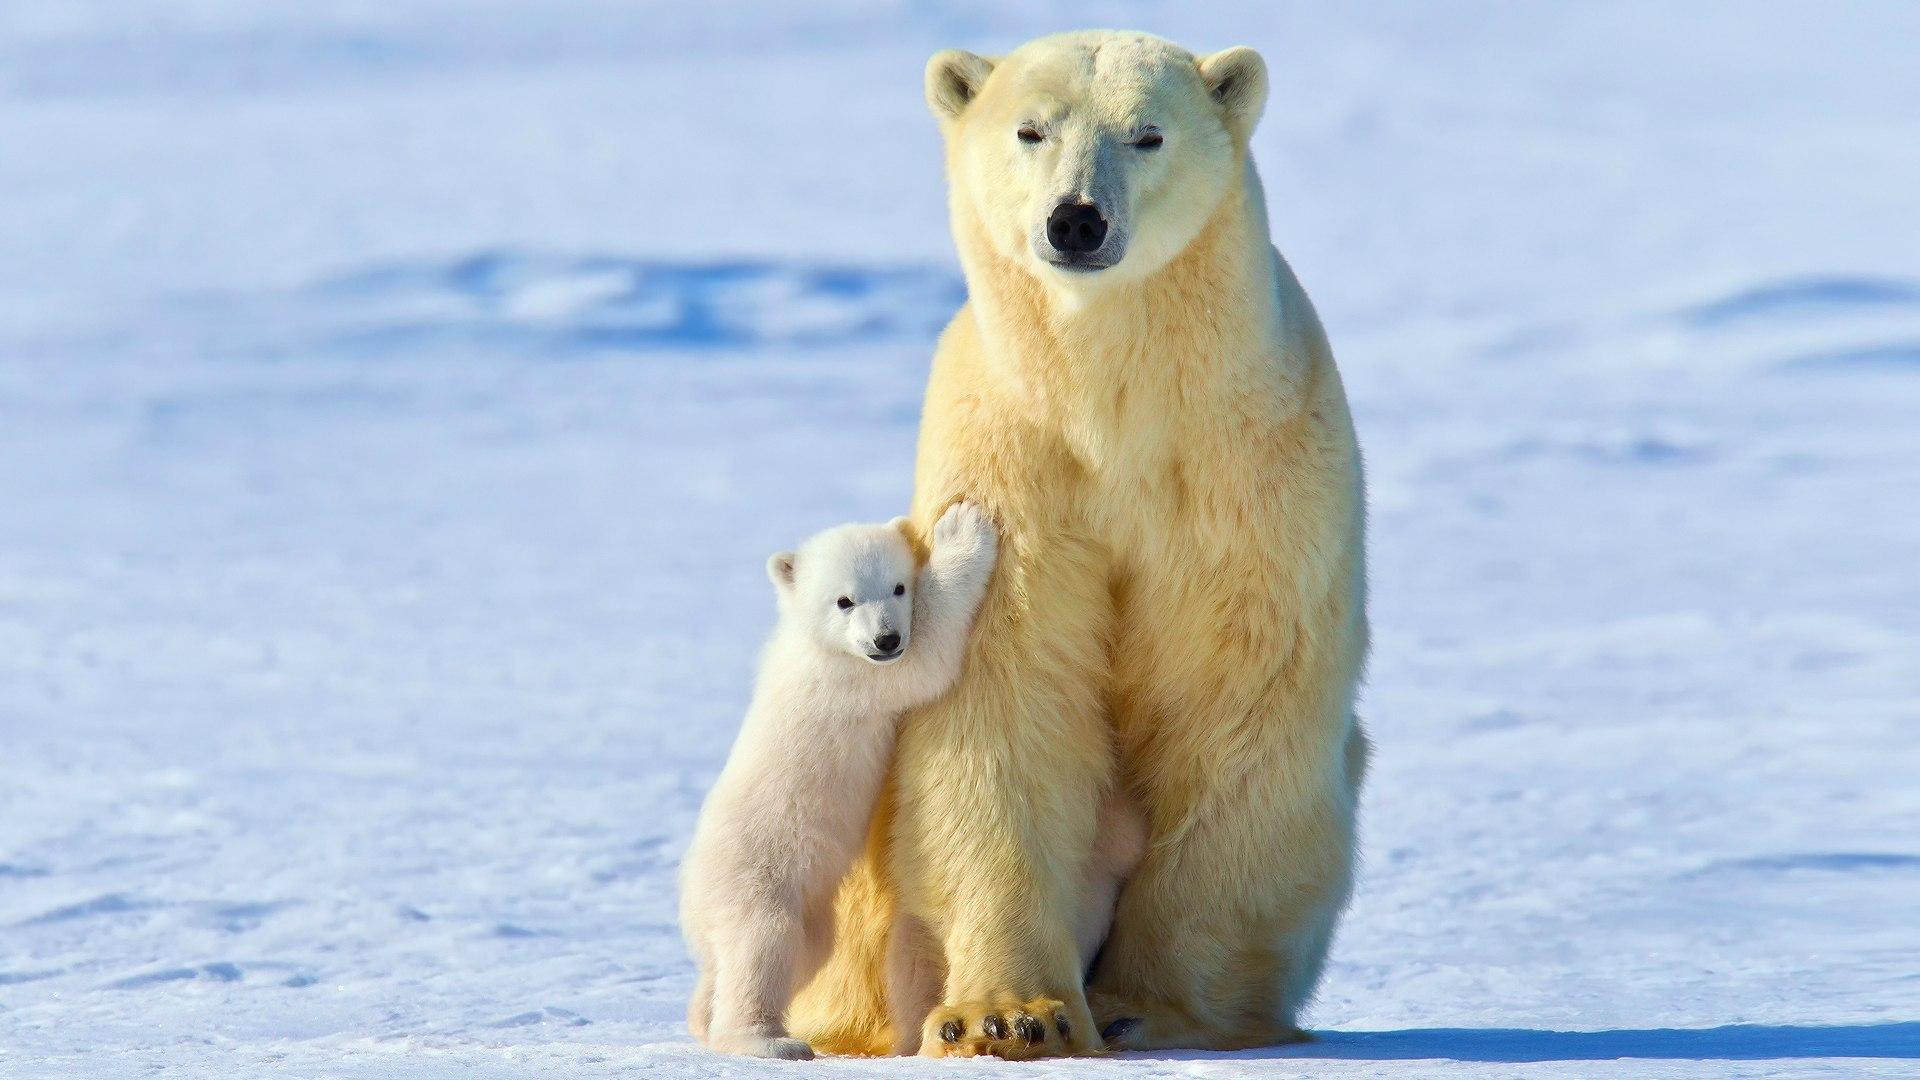 Экологи спасли слишком любознательного медвежонка наострове Врангеля наЧукотке